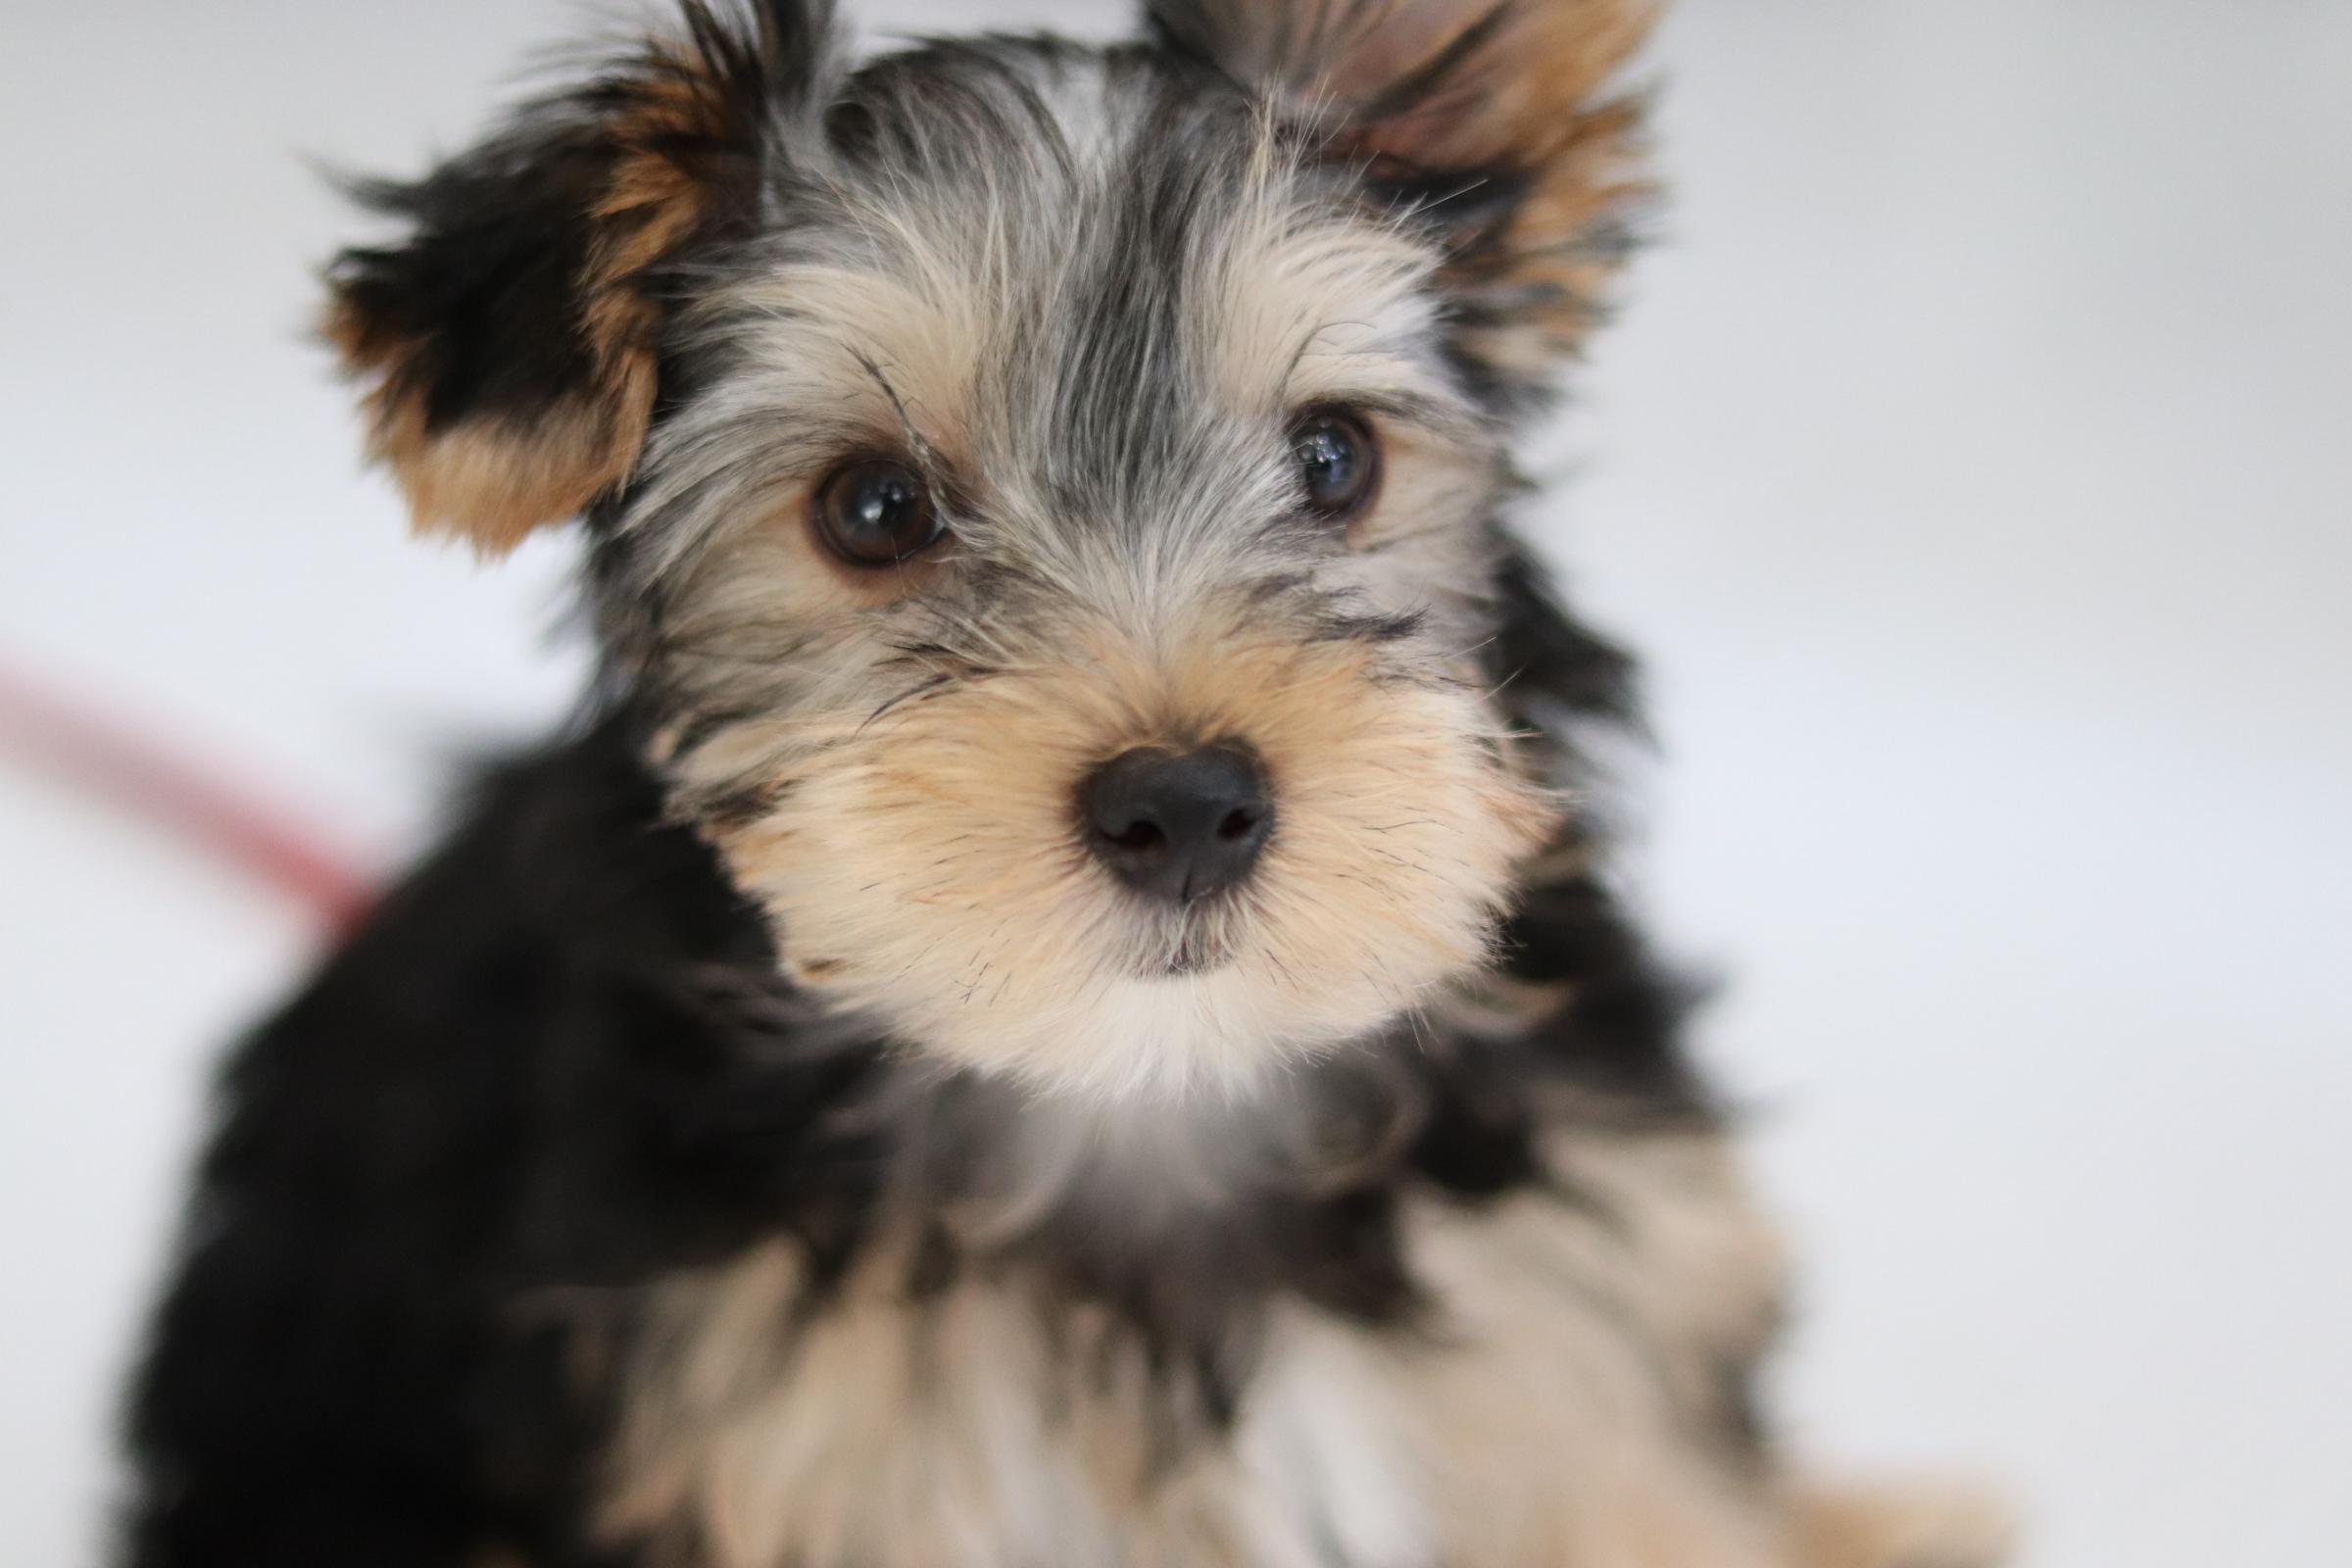 <ul> <li>犬種:ヨークシャテリア</li> <li>性別:女の子</li> <li>名前:モネ</li> <li>年齢:2019年12月25日生まれ</li> <li>保護経緯:子犬の世話が想像以上に大変だったため飼育困難になりました</li> </ul>